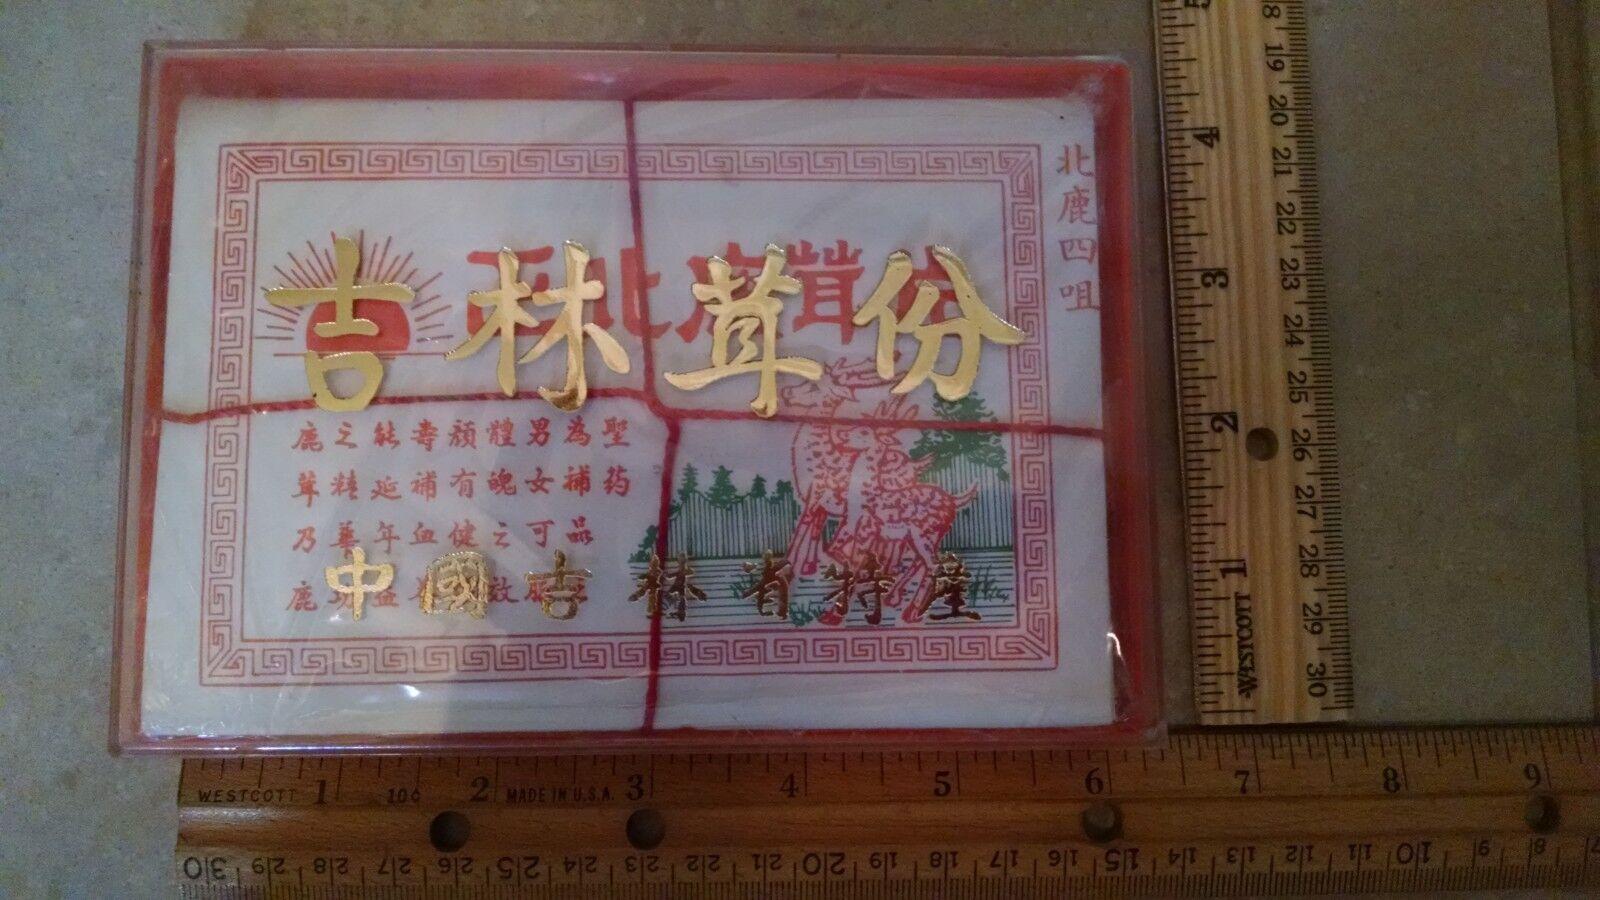 Deer antler/horn slices_Chinese herbal remedy_NIB 1